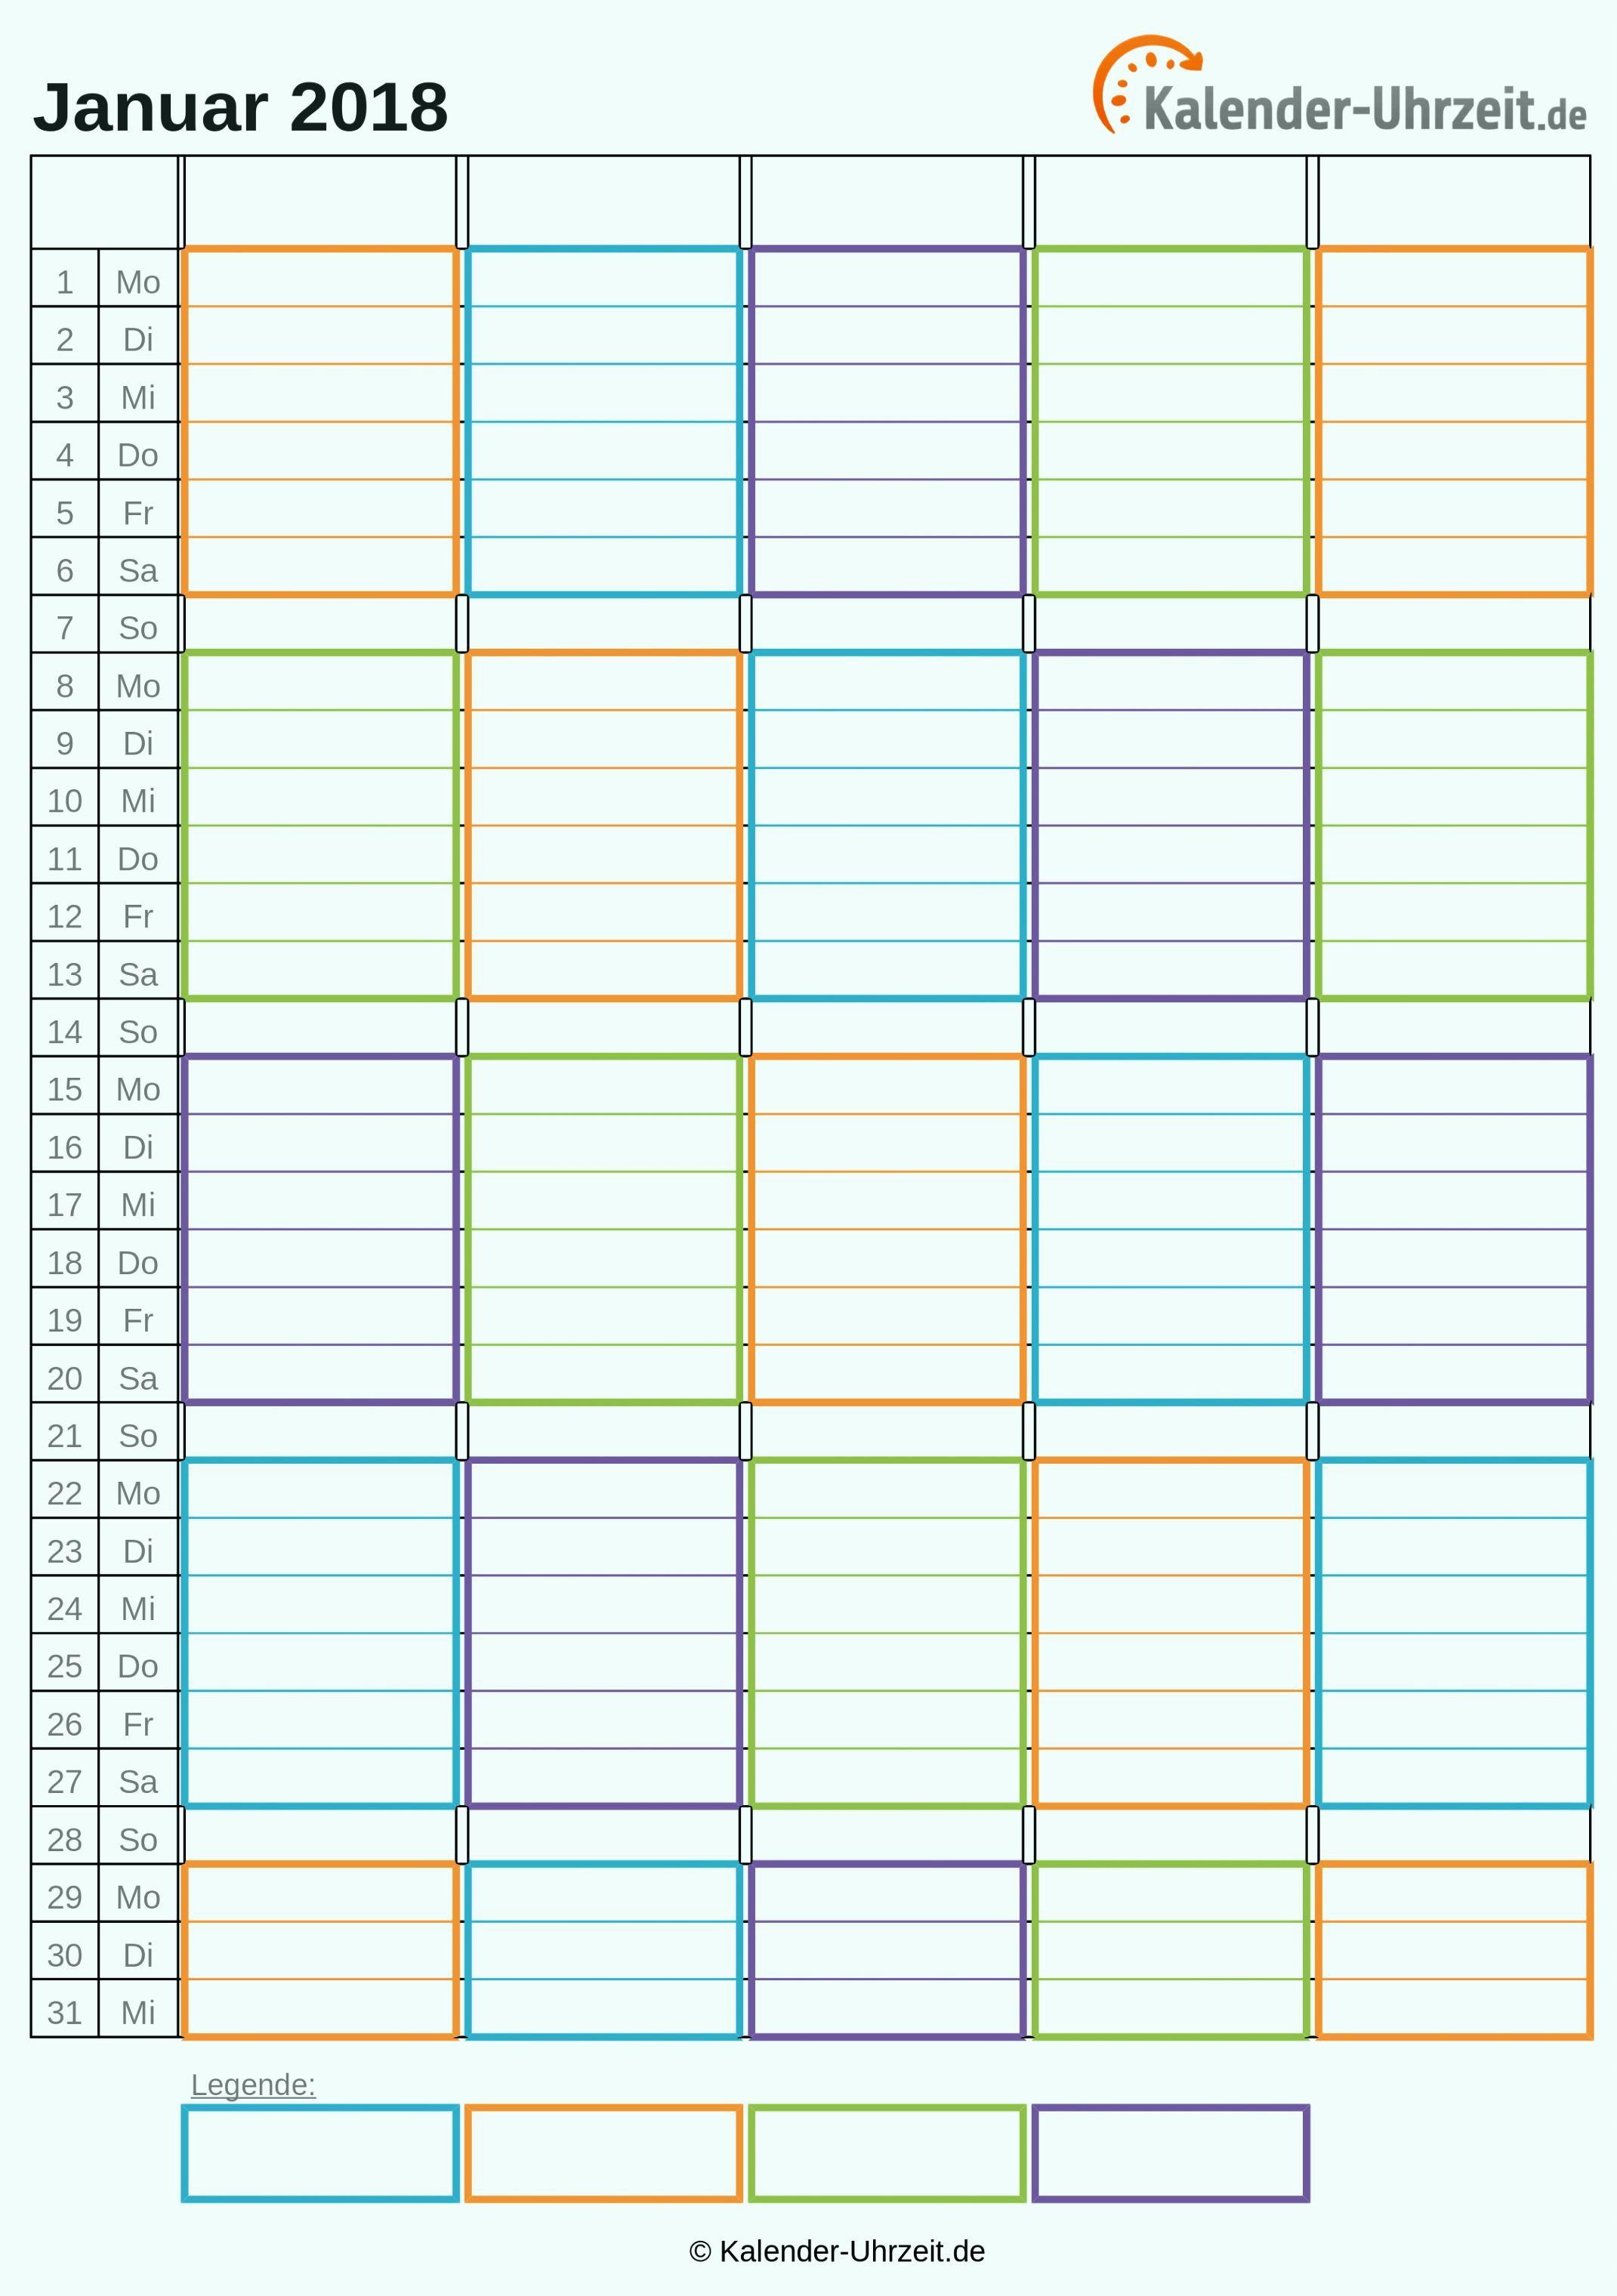 Kalender 2019 In Excel Erstellen Más Arriba-a-fecha Kalender 2016 Zum Drucken Neueste Modelle 34 Elegant Galerie Von